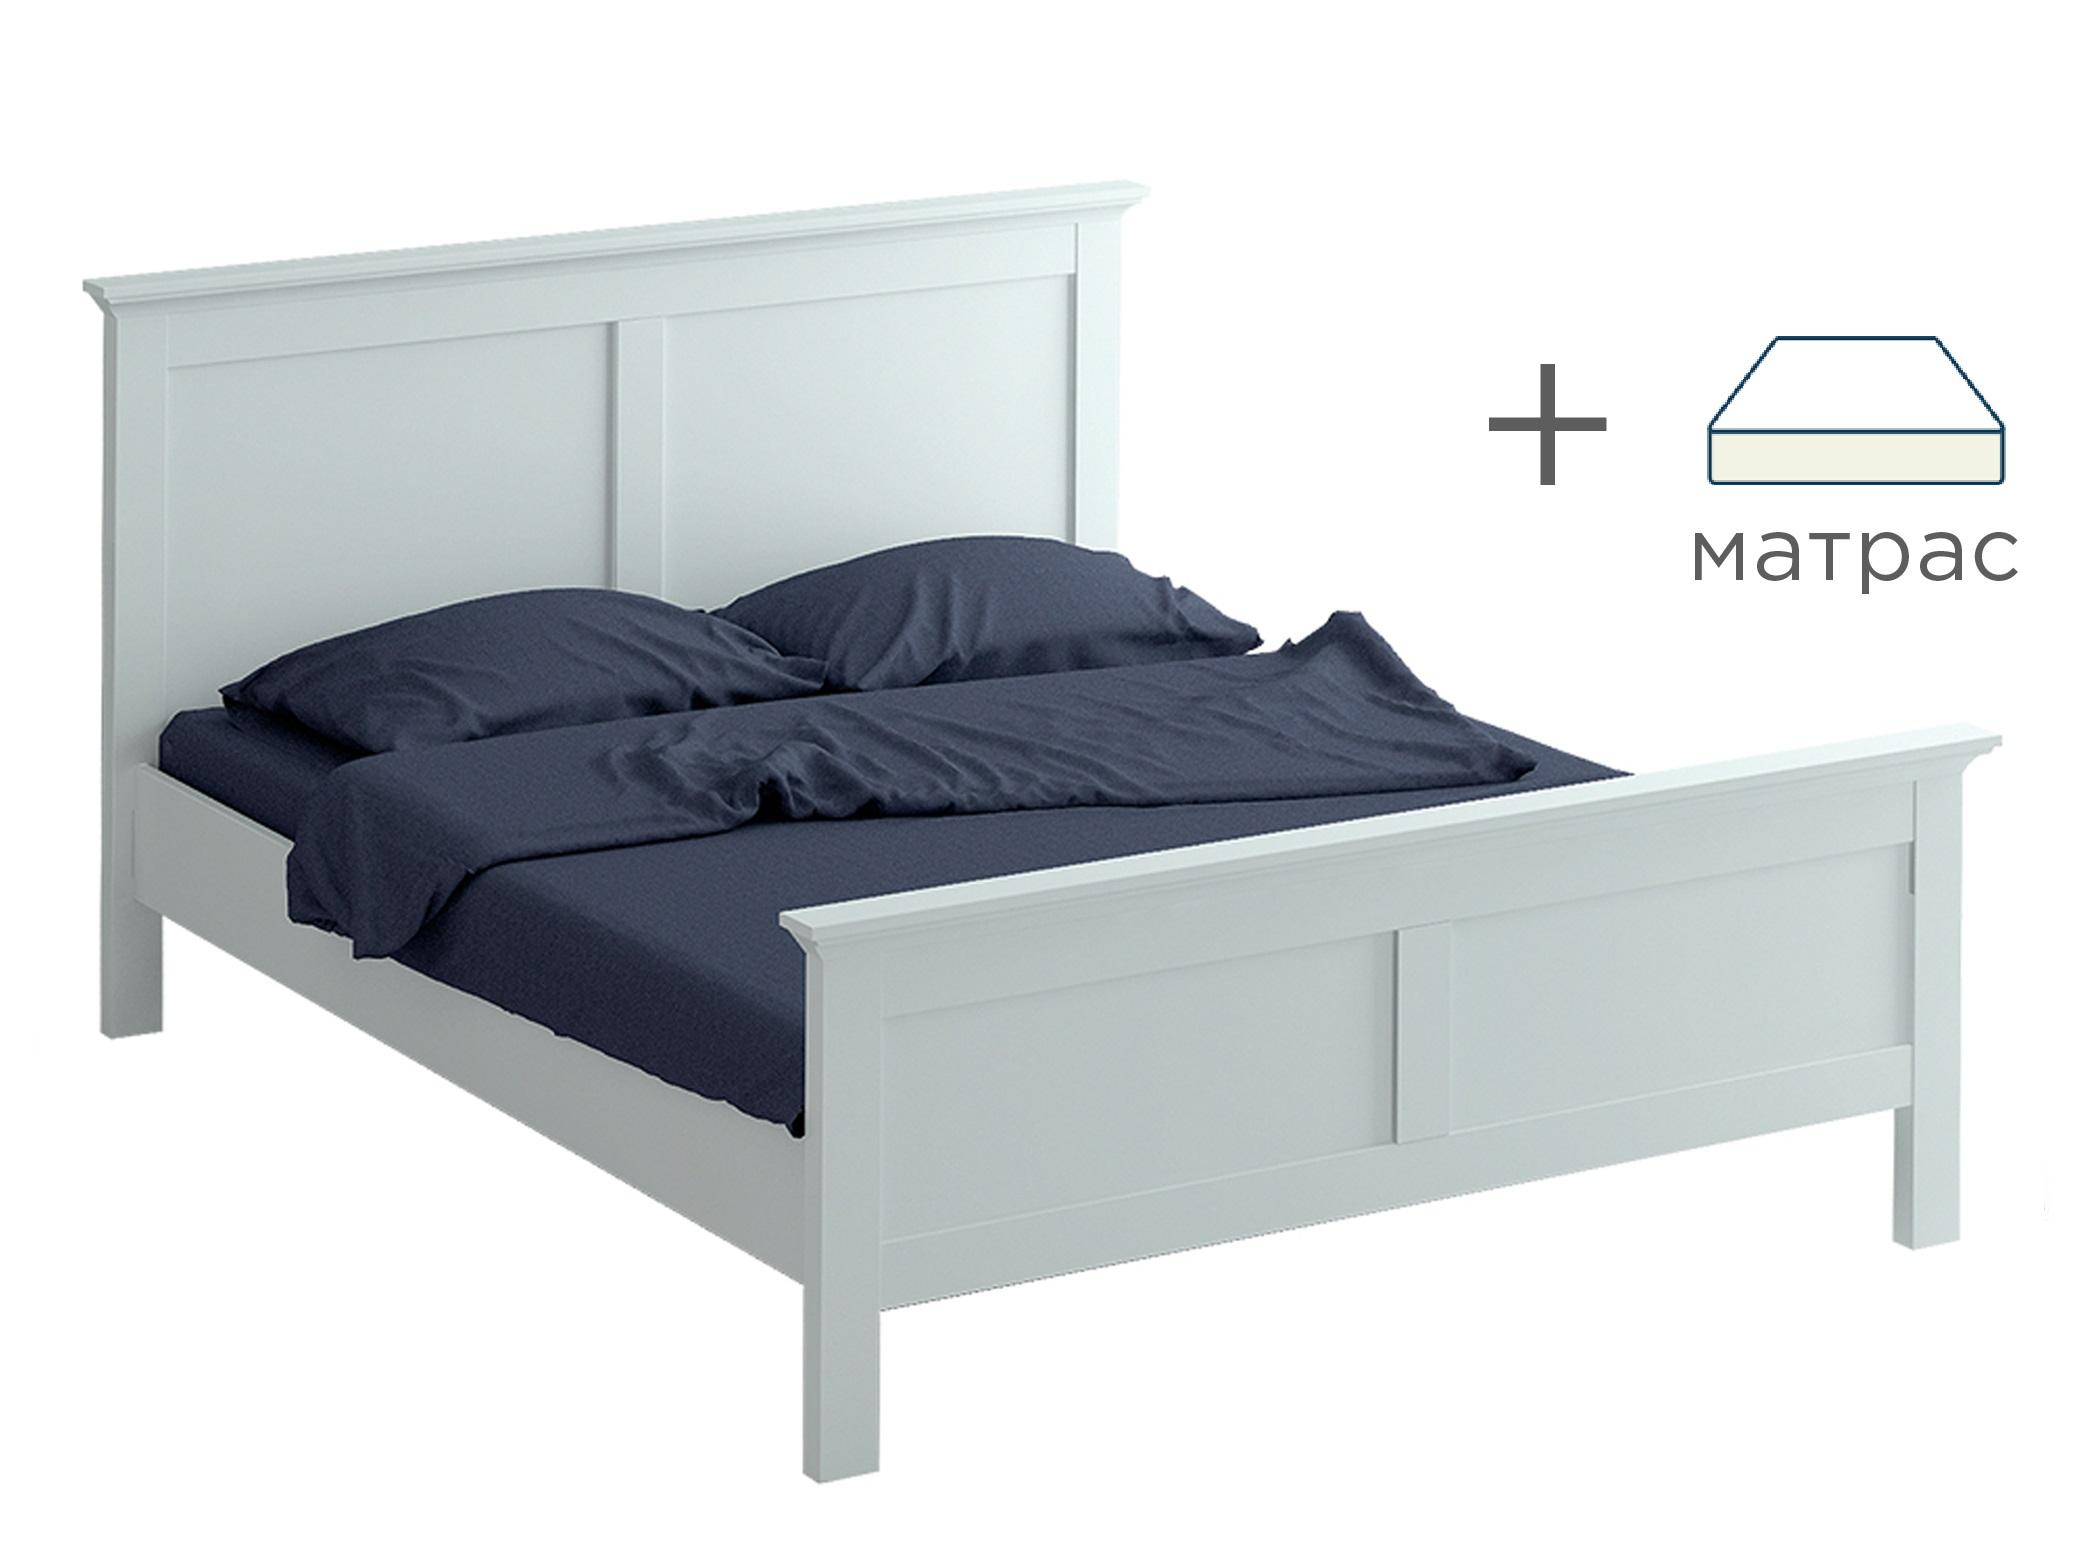 Кровать Reina с матрасомКровати + матрасы<br>&amp;lt;div&amp;gt;Выгодная скидка при покупке комплекта!&amp;lt;/div&amp;gt;&amp;lt;div&amp;gt;Кровать в скандинавском стиле вместе с ортопедическим матрасом &amp;quot;Ascona Compact New&amp;quot;.&amp;lt;/div&amp;gt;&amp;lt;div&amp;gt;&amp;lt;br&amp;gt;&amp;lt;/div&amp;gt;&amp;lt;div&amp;gt;Характеристики кровати:&amp;lt;/div&amp;gt;&amp;lt;div&amp;gt;Размер спального места: 160*200&amp;lt;/div&amp;gt;&amp;lt;div&amp;gt;Материалы: бук, текстиль&amp;lt;/div&amp;gt;&amp;lt;div&amp;gt;Варианты исполнения: более 200 цветов&amp;lt;/div&amp;gt;&amp;lt;div&amp;gt;&amp;lt;br&amp;gt;&amp;lt;/div&amp;gt;&amp;lt;div&amp;gt;Характеристики матраса:&amp;lt;/div&amp;gt;&amp;lt;div&amp;gt;Пружинный блок: блок независимых пружин&amp;lt;/div&amp;gt;&amp;lt;div&amp;gt;Материал Green Flex с экстрактом сои&amp;lt;br&amp;gt;&amp;lt;/div&amp;gt;&amp;lt;div&amp;gt;Жесткость: средняя&amp;lt;/div&amp;gt;&amp;lt;div&amp;gt;Максимальная нагрузка: до 90 кг&amp;lt;/div&amp;gt;&amp;lt;div&amp;gt;Высота: 13&amp;amp;nbsp;см.&amp;lt;/div&amp;gt;&amp;lt;div&amp;gt;&amp;lt;br&amp;gt;&amp;lt;/div&amp;gt;&amp;lt;a href=&amp;quot;/shop/mebel/mebel-dlya-doma/krovati/krovaty/42927-krovat-reina?country=&amp;quot;&amp;gt;Купить отдельно кровать&amp;lt;/a&amp;gt;<br><br>Material: ДСП<br>Ширина см: 231<br>Высота см: 111<br>Глубина см: 181